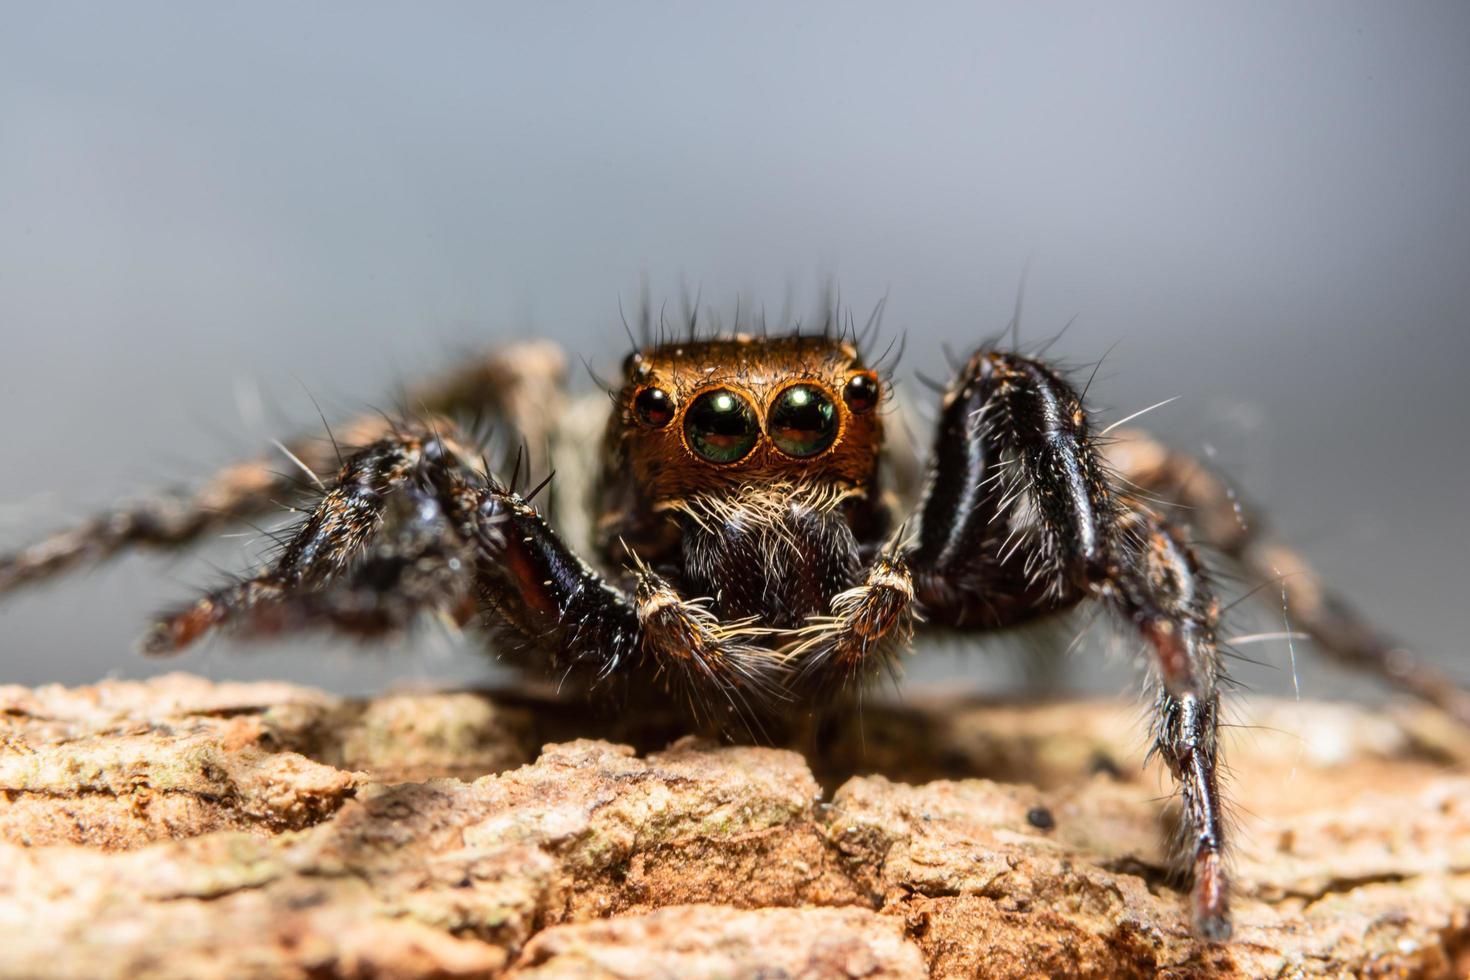 Spinne in der Natur foto